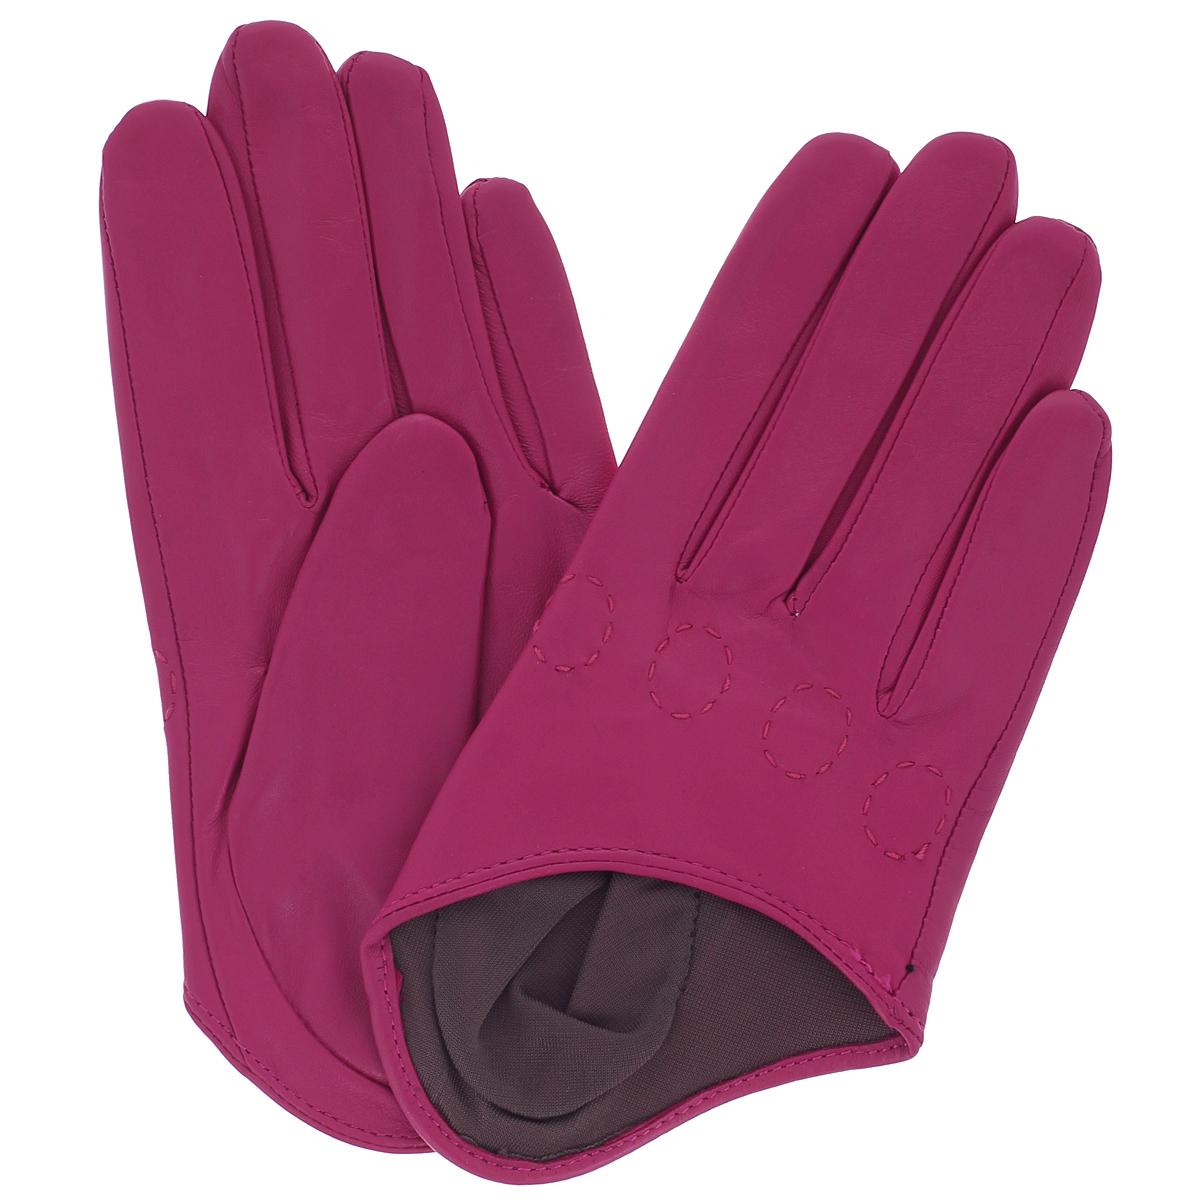 Перчатки женские Michel Katana, цвет: фуксия. K81-IF1. Размер 6,5K81-IF1/FUCHСтильные перчатки Michel Katana с шелковой подкладкой выполнены из мягкой и приятной на ощупь натуральной кожи ягненка. Перчатки станут достойным элементом вашего стиля и сохранят тепло ваших рук. Это не просто модный аксессуар, но и уникальный авторский стиль, наполненный духом севера Франции.